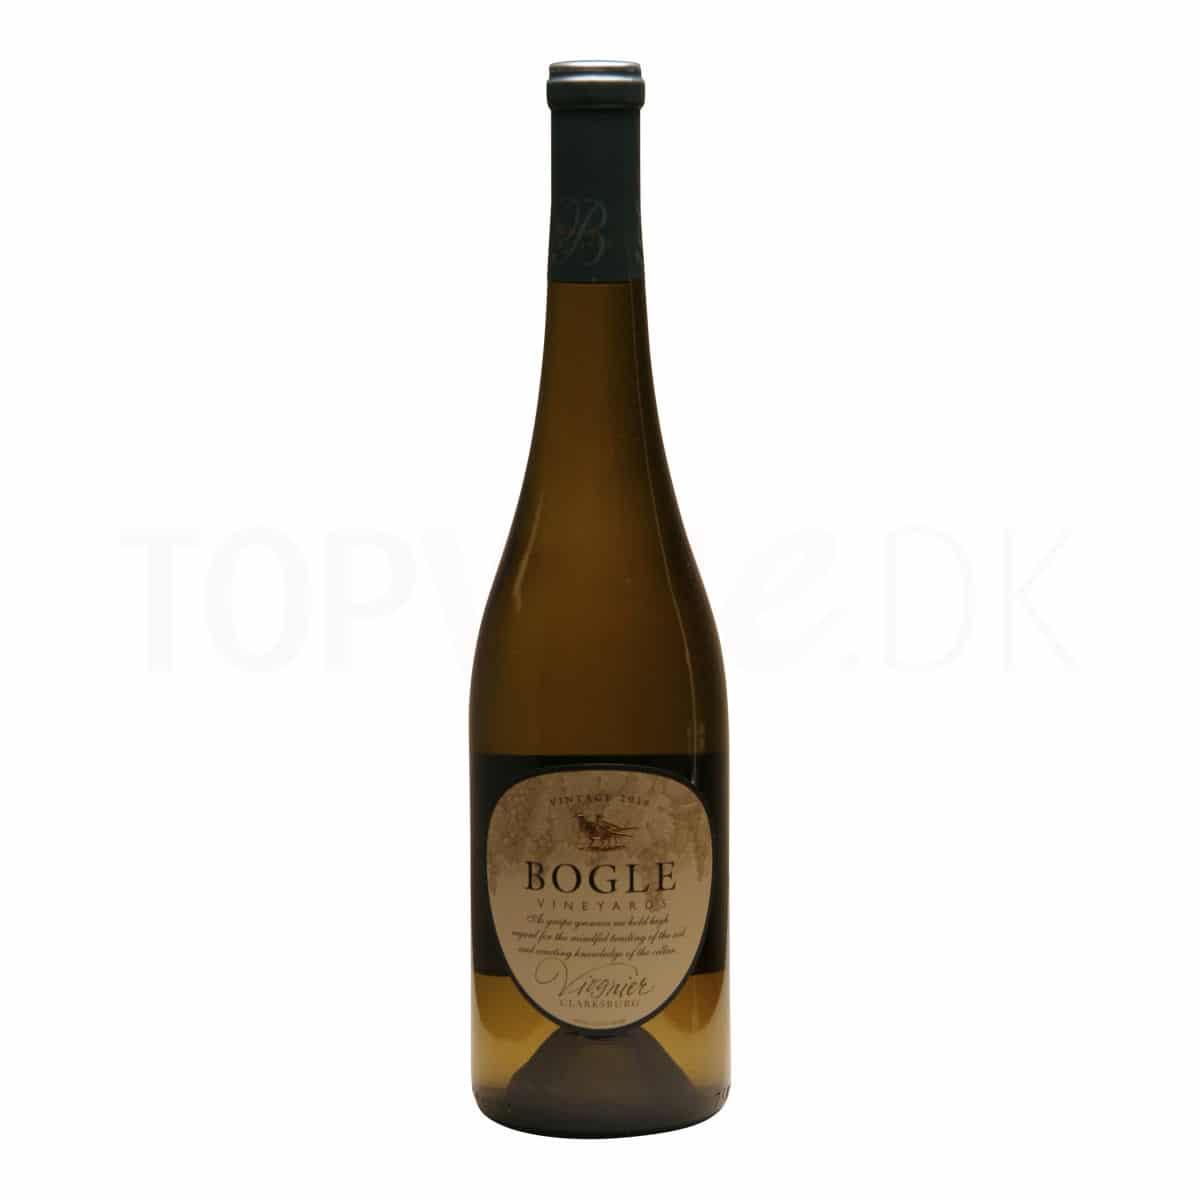 Topvine Bogle Viognier 2015